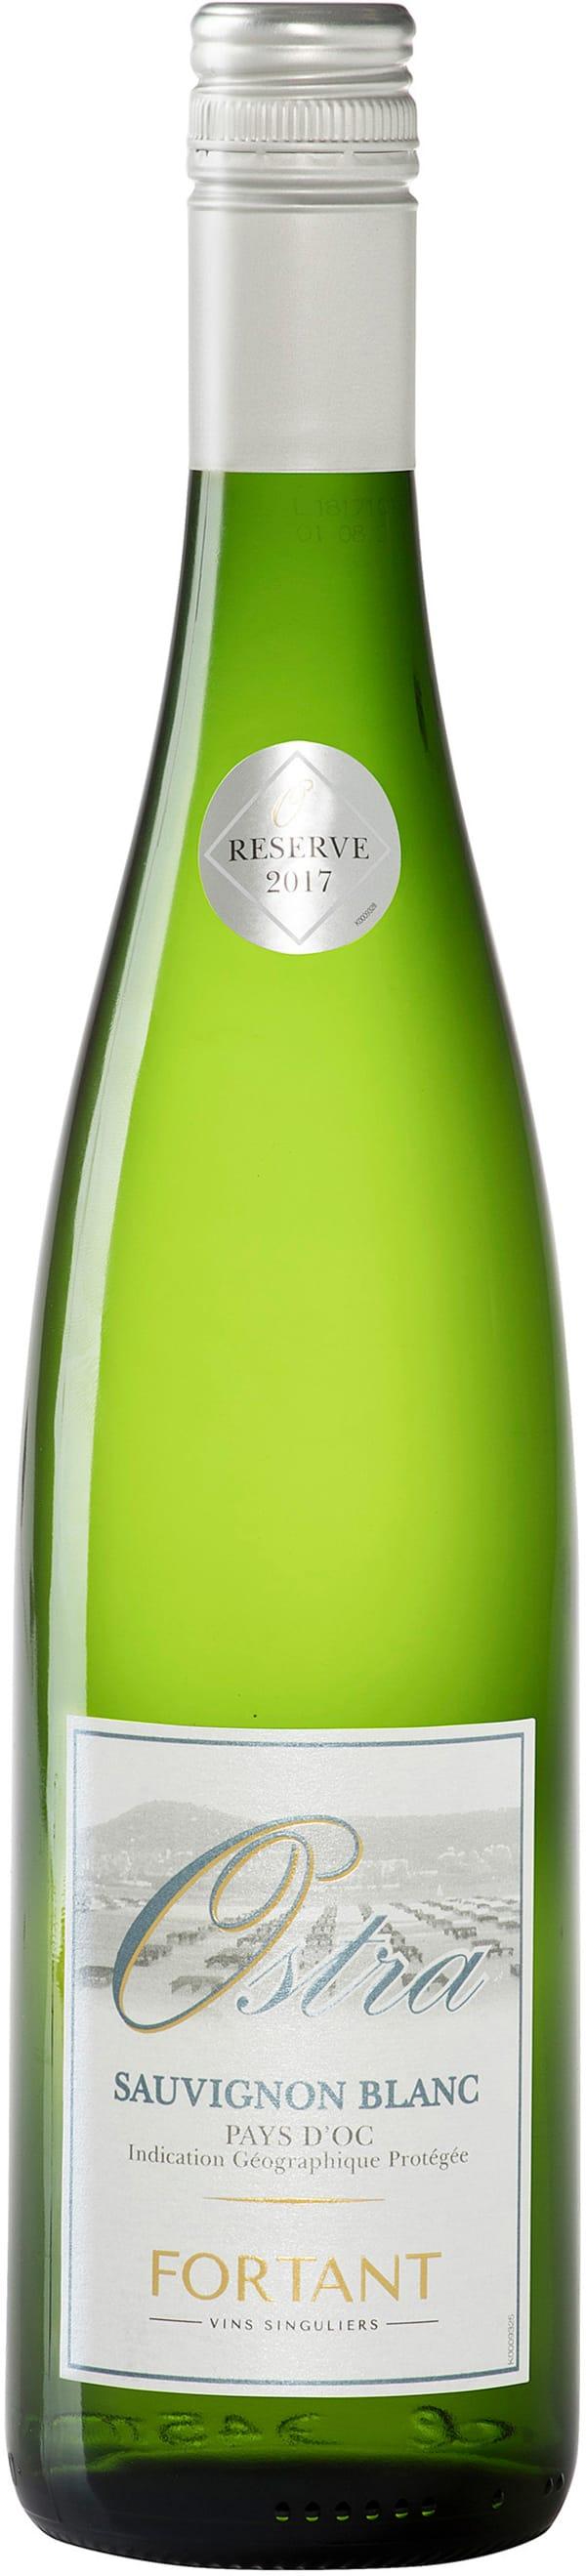 Fortant Ostra Sauvignon Blanc 2017